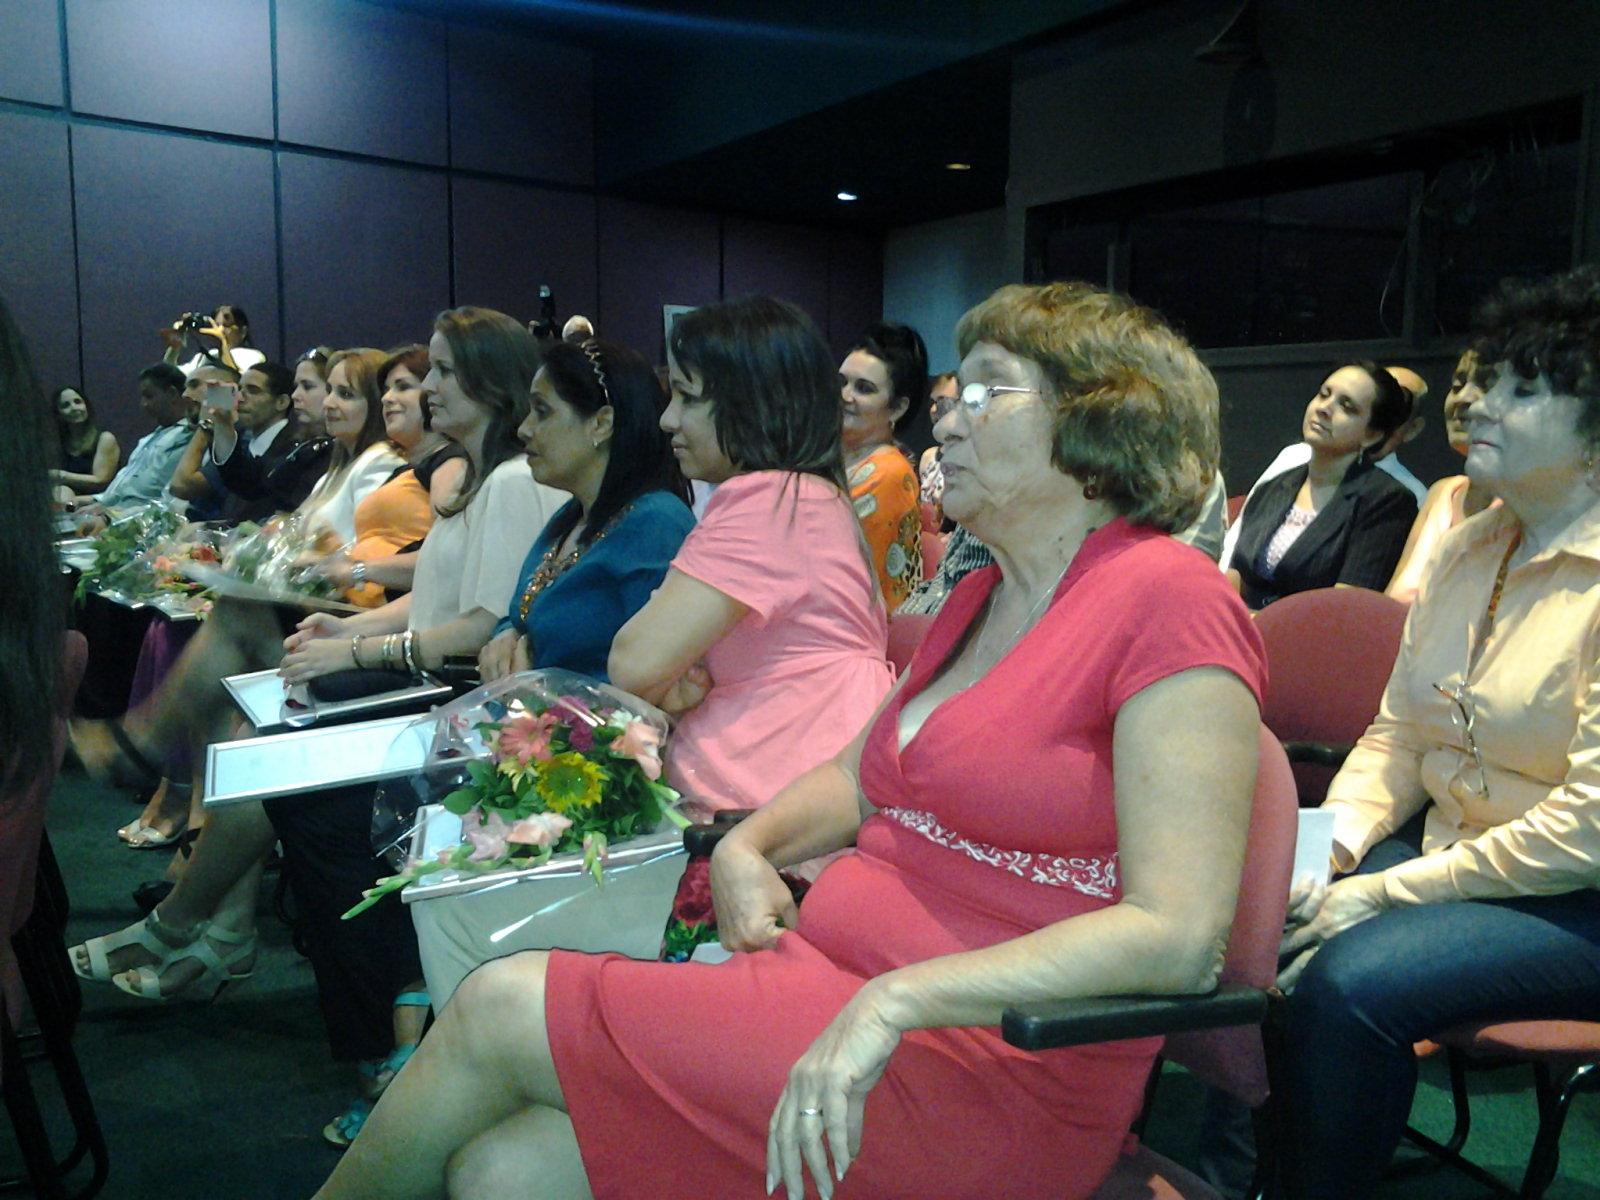 Reciben premios de Periodismo destacados profesionales de la prensa cubana. Foto: Isel Quitana